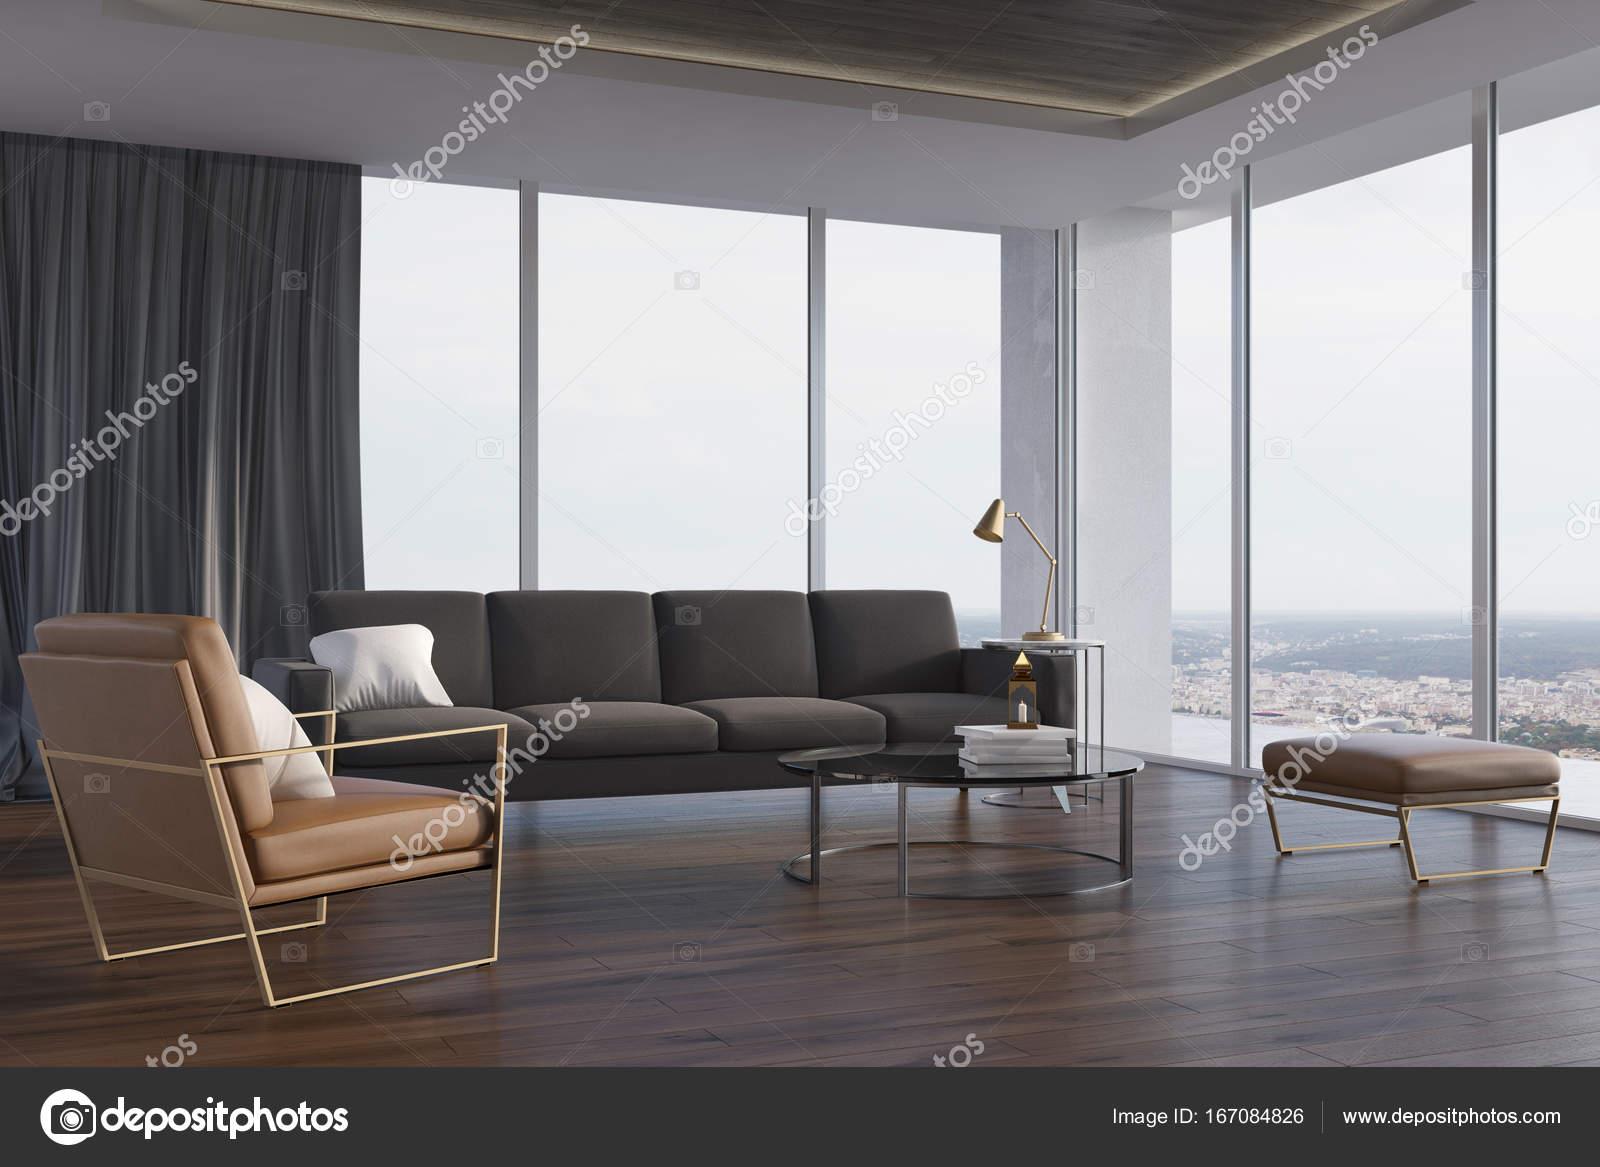 Loft Wohnzimmer Graue Couch Und Sessel Seite Stockfoto